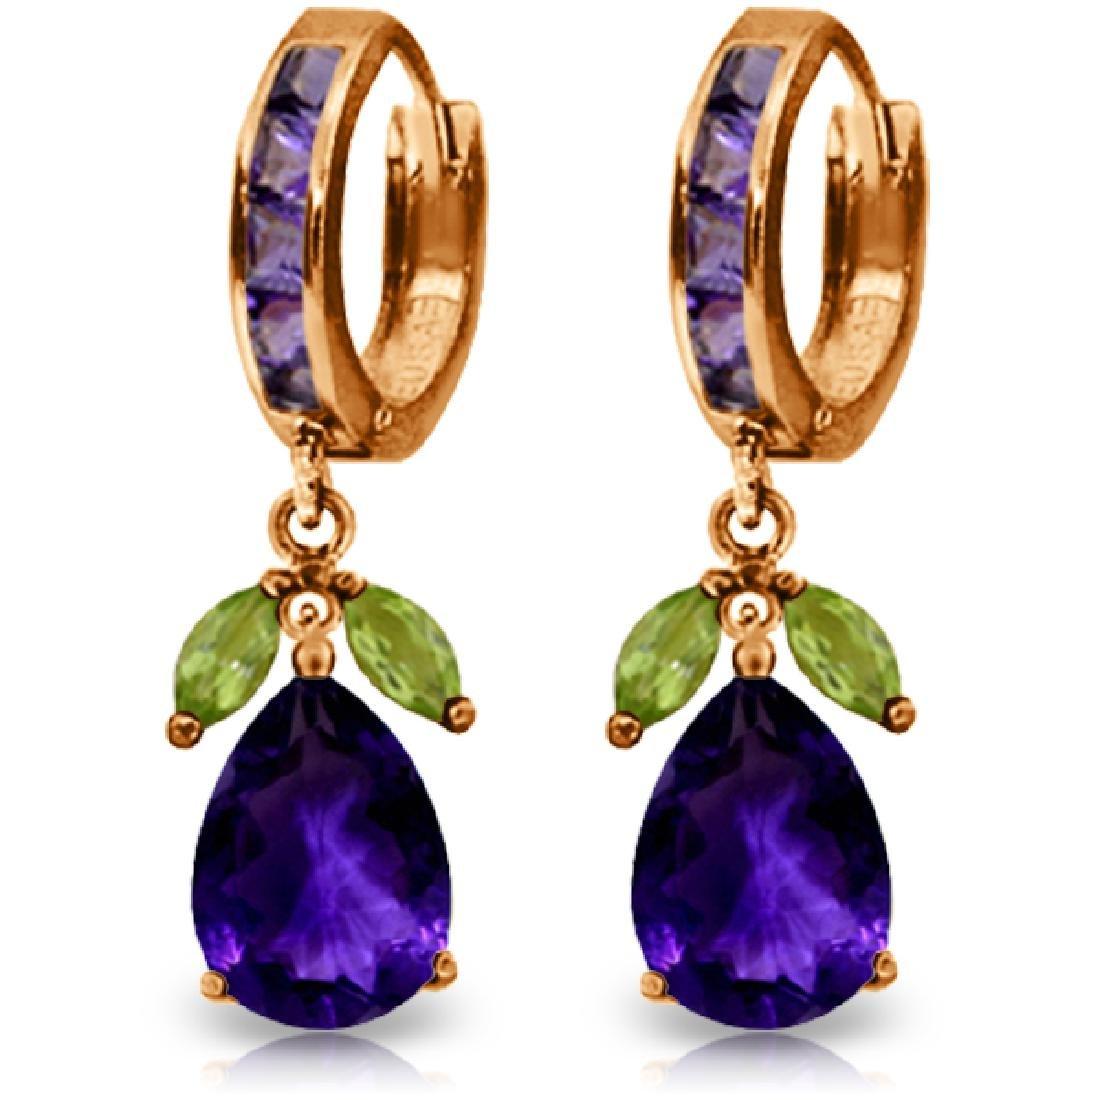 Genuine 14.3 ctw Multi-gemstone Earrings Jewelry 14KT